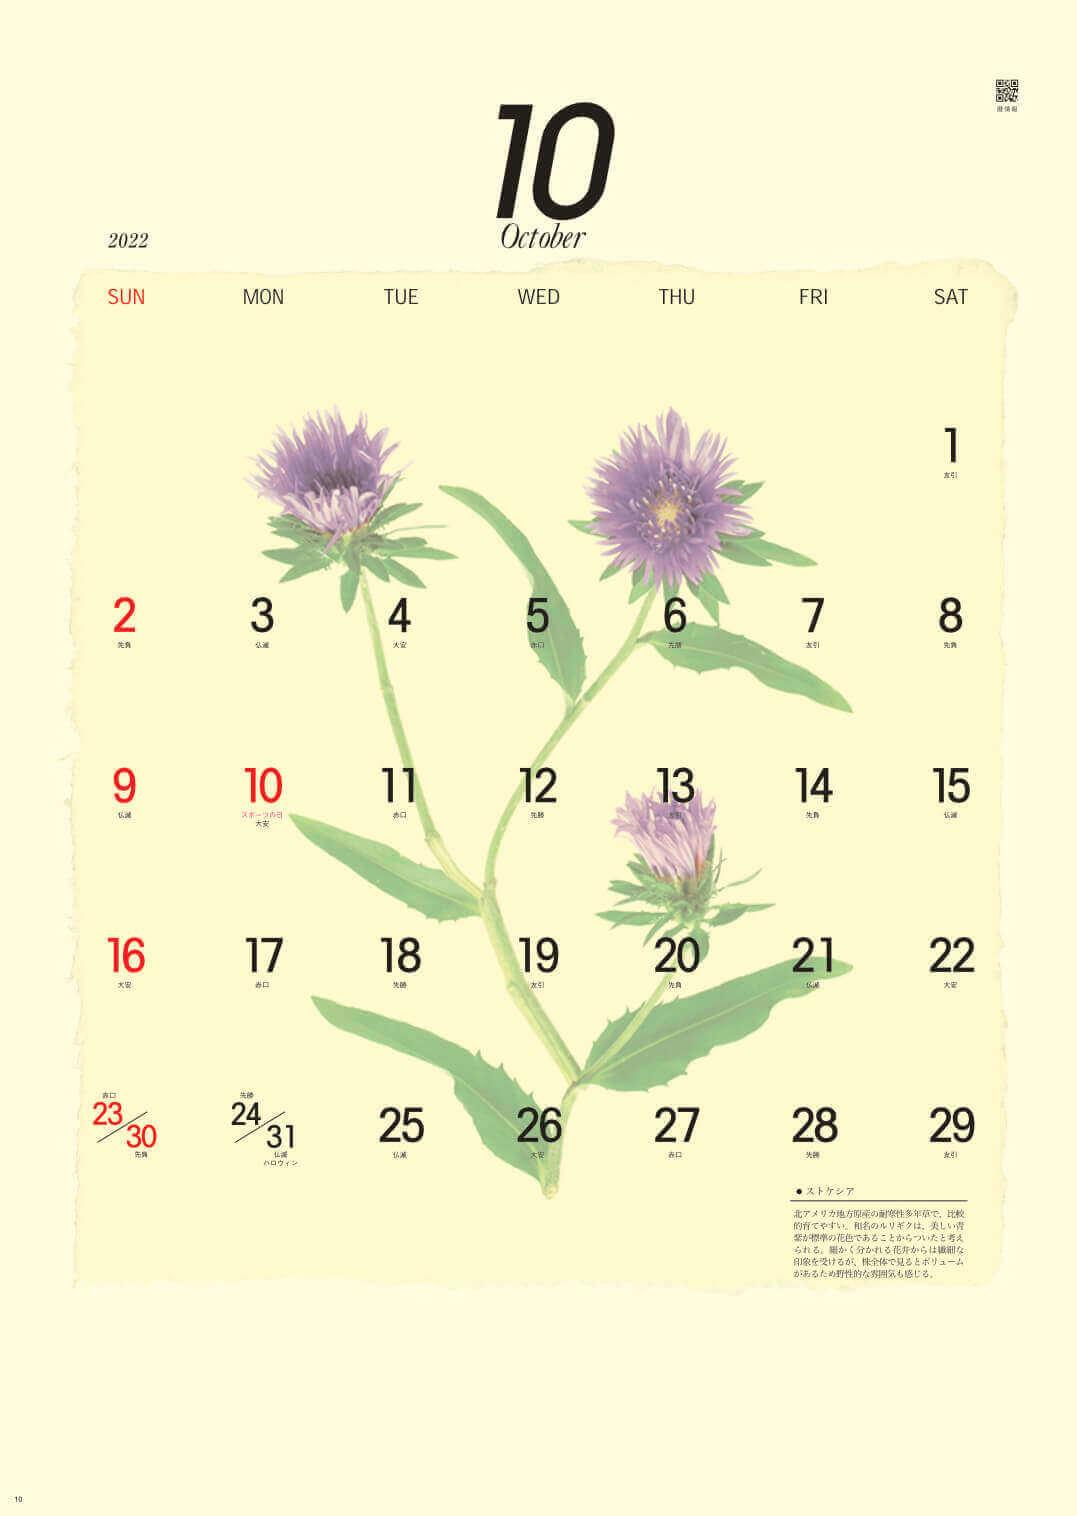 プレス・フラワー 2022年カレンダーの画像